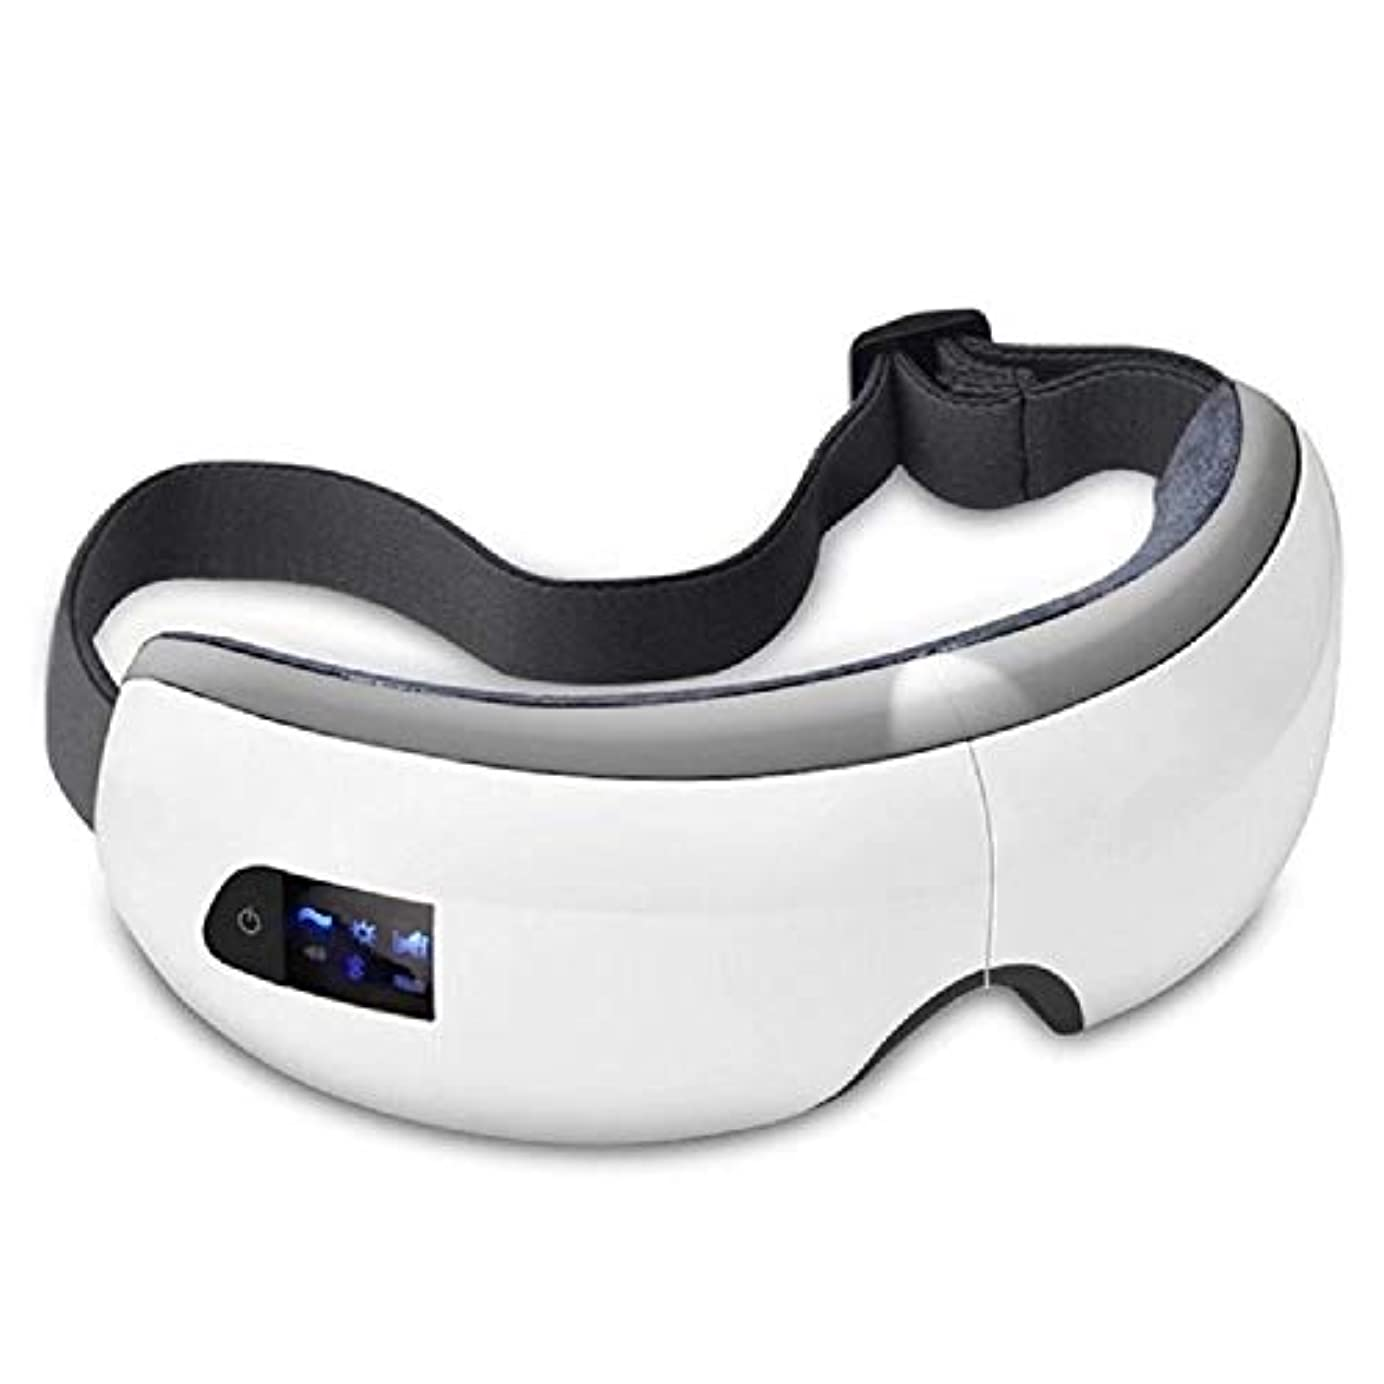 飢え痴漢資産Ruzzy 流行の目のマッサージのSPAの器械、熱療法が付いている電気アイマッサージャー 購入へようこそ